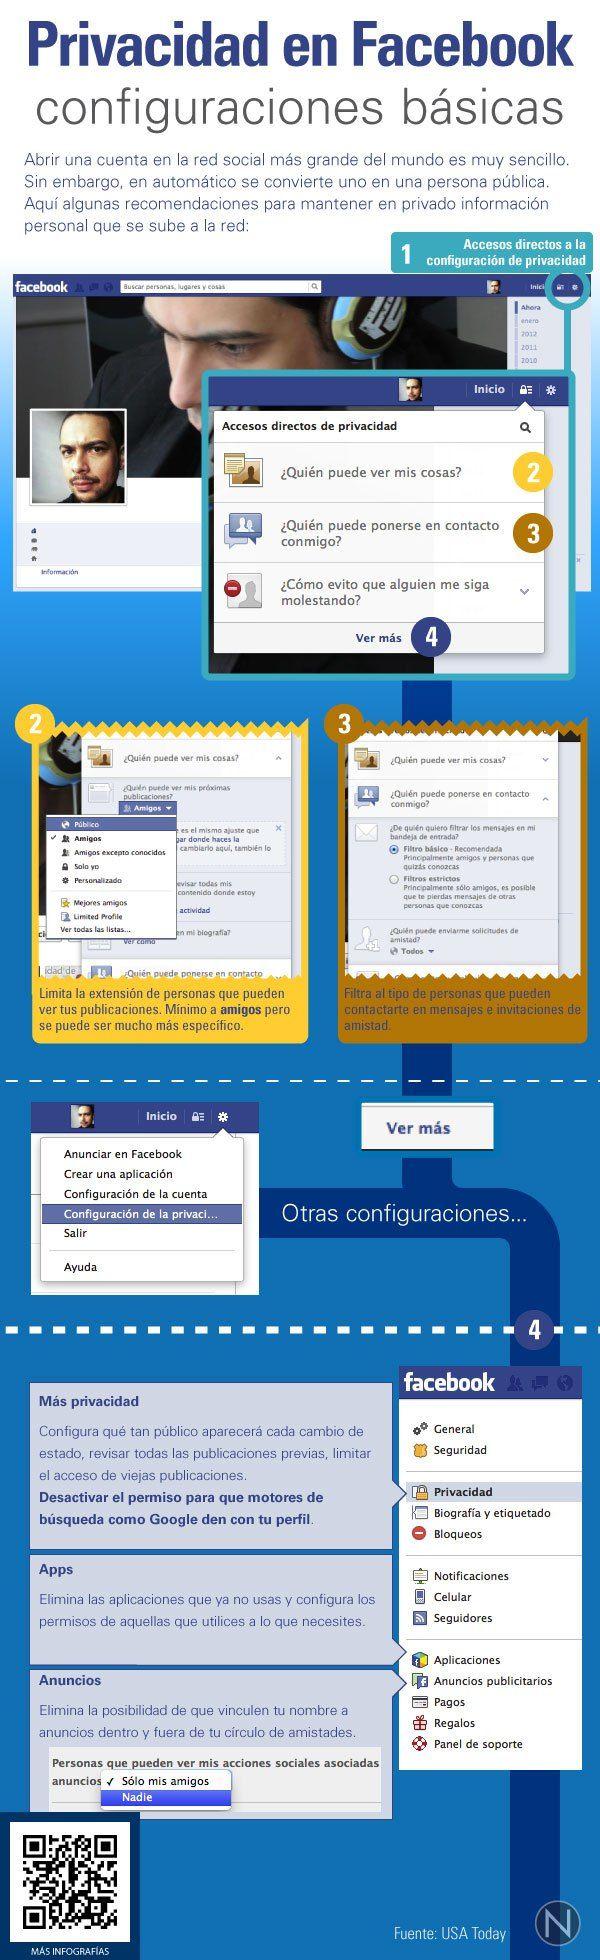 Privacidad en FaceBook: configuraciones básicas #infografia #infographic #socialmedia